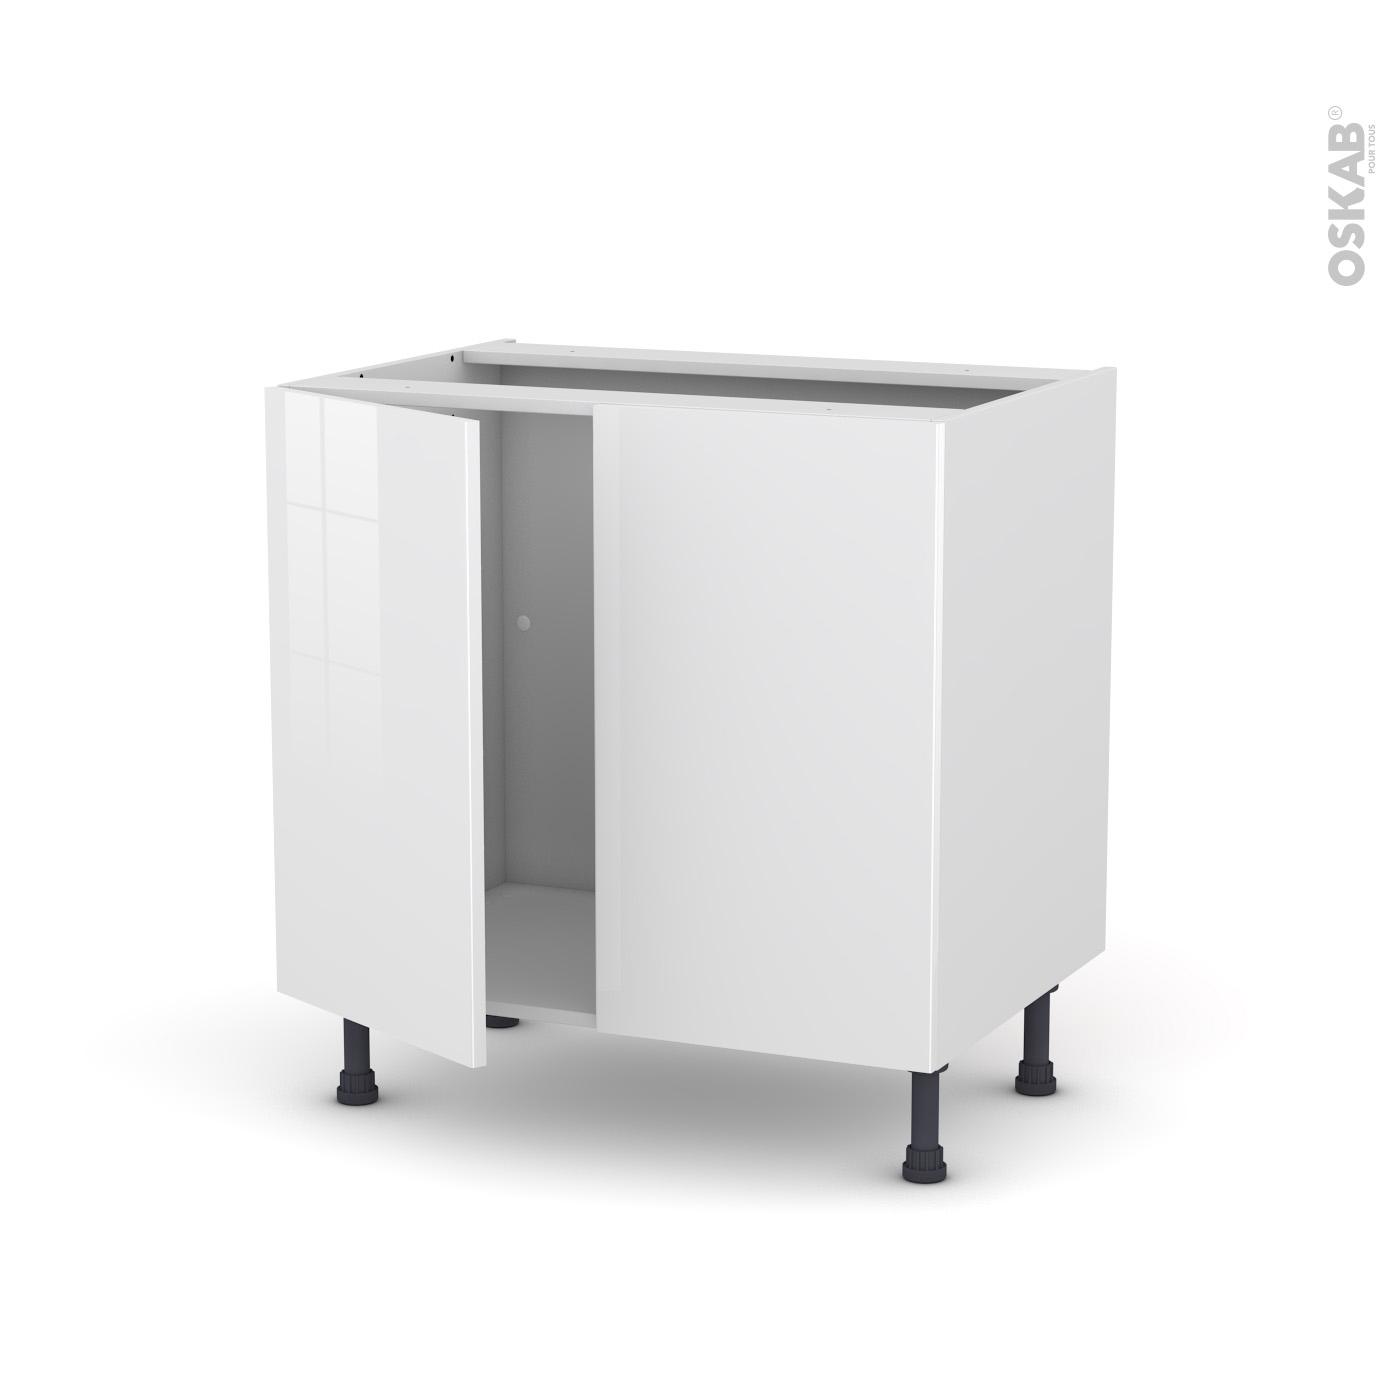 Meuble De Cuisine Sous Évier Bora Blanc, 2 Portes, L80 X H70 X P58 Cm encequiconcerne Meuble Sous Évier 100 Cm Ikea